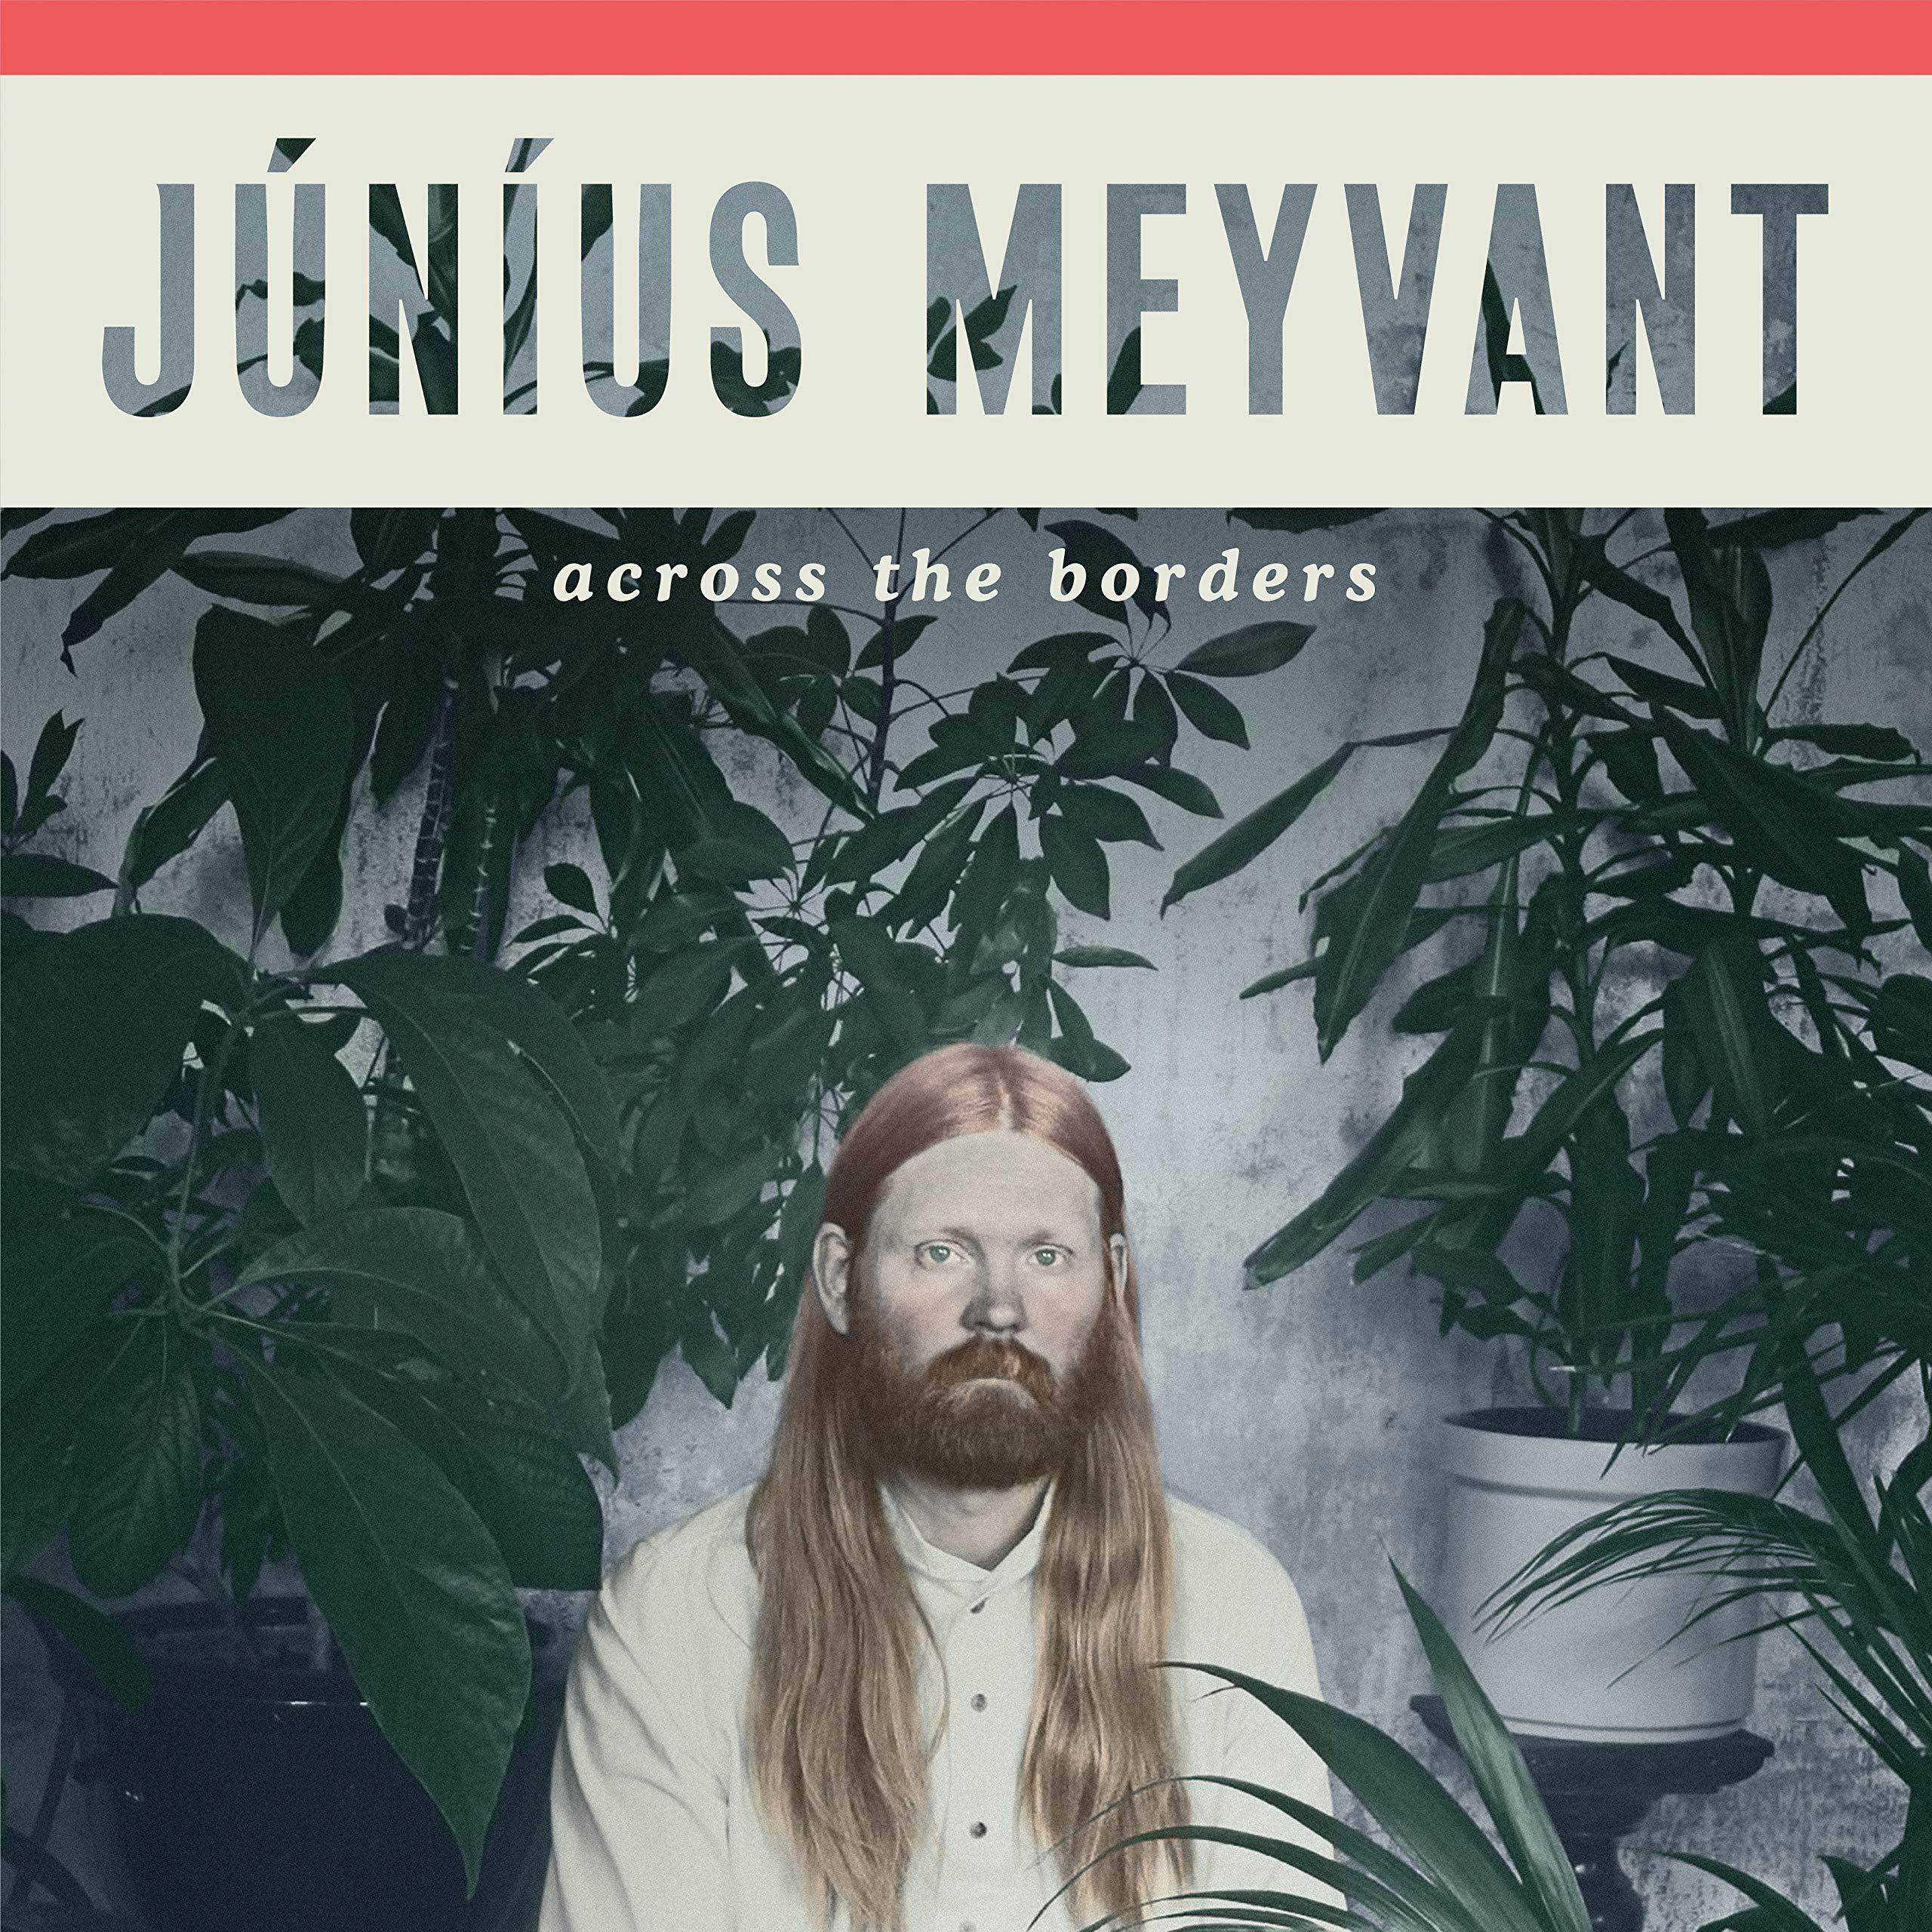 Vinilo : Junius Meyvant - Across The Borders (Gatefold LP Jacket)